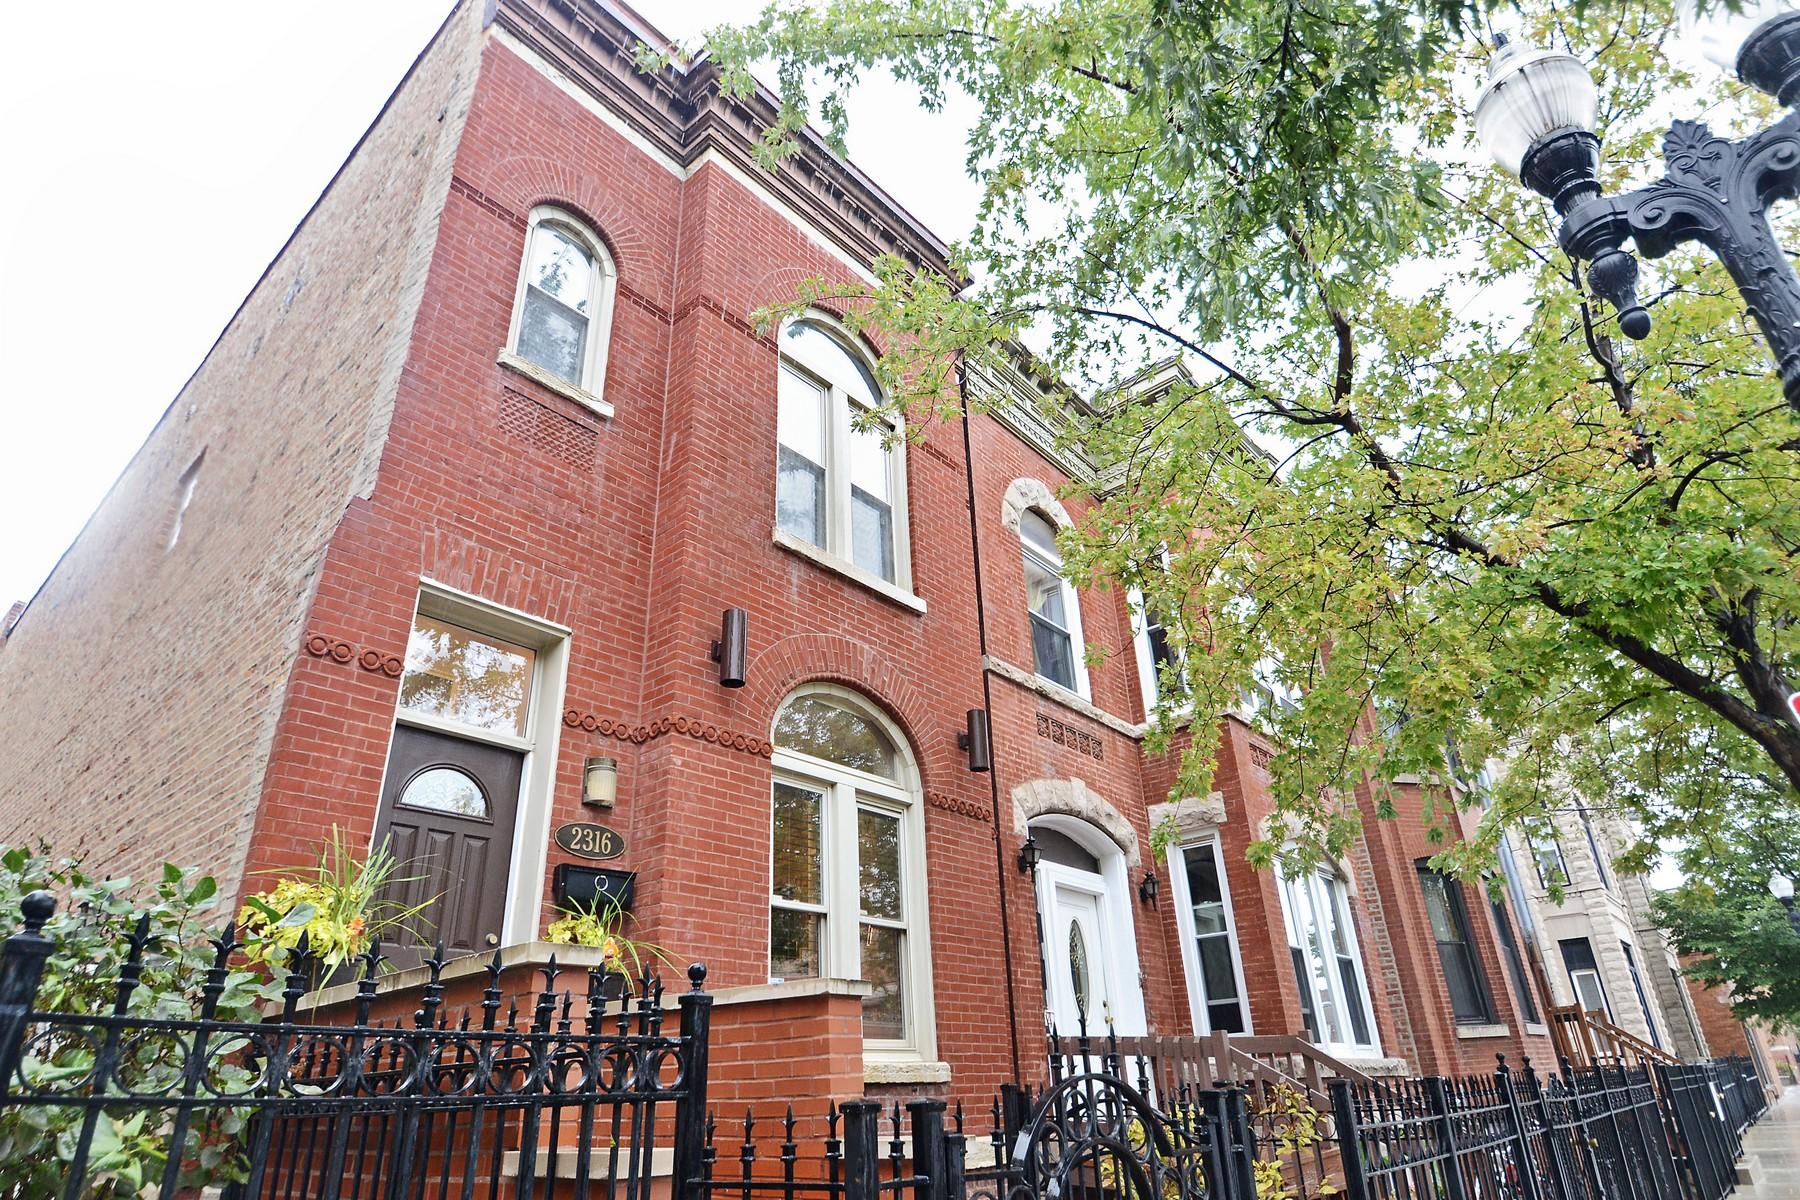 Nhà ở nhiều gia đình vì Bán tại Great Investment Opportunity! 2316 W Taylor Street Near West Side, Chicago, Illinois 60612 Hoa Kỳ